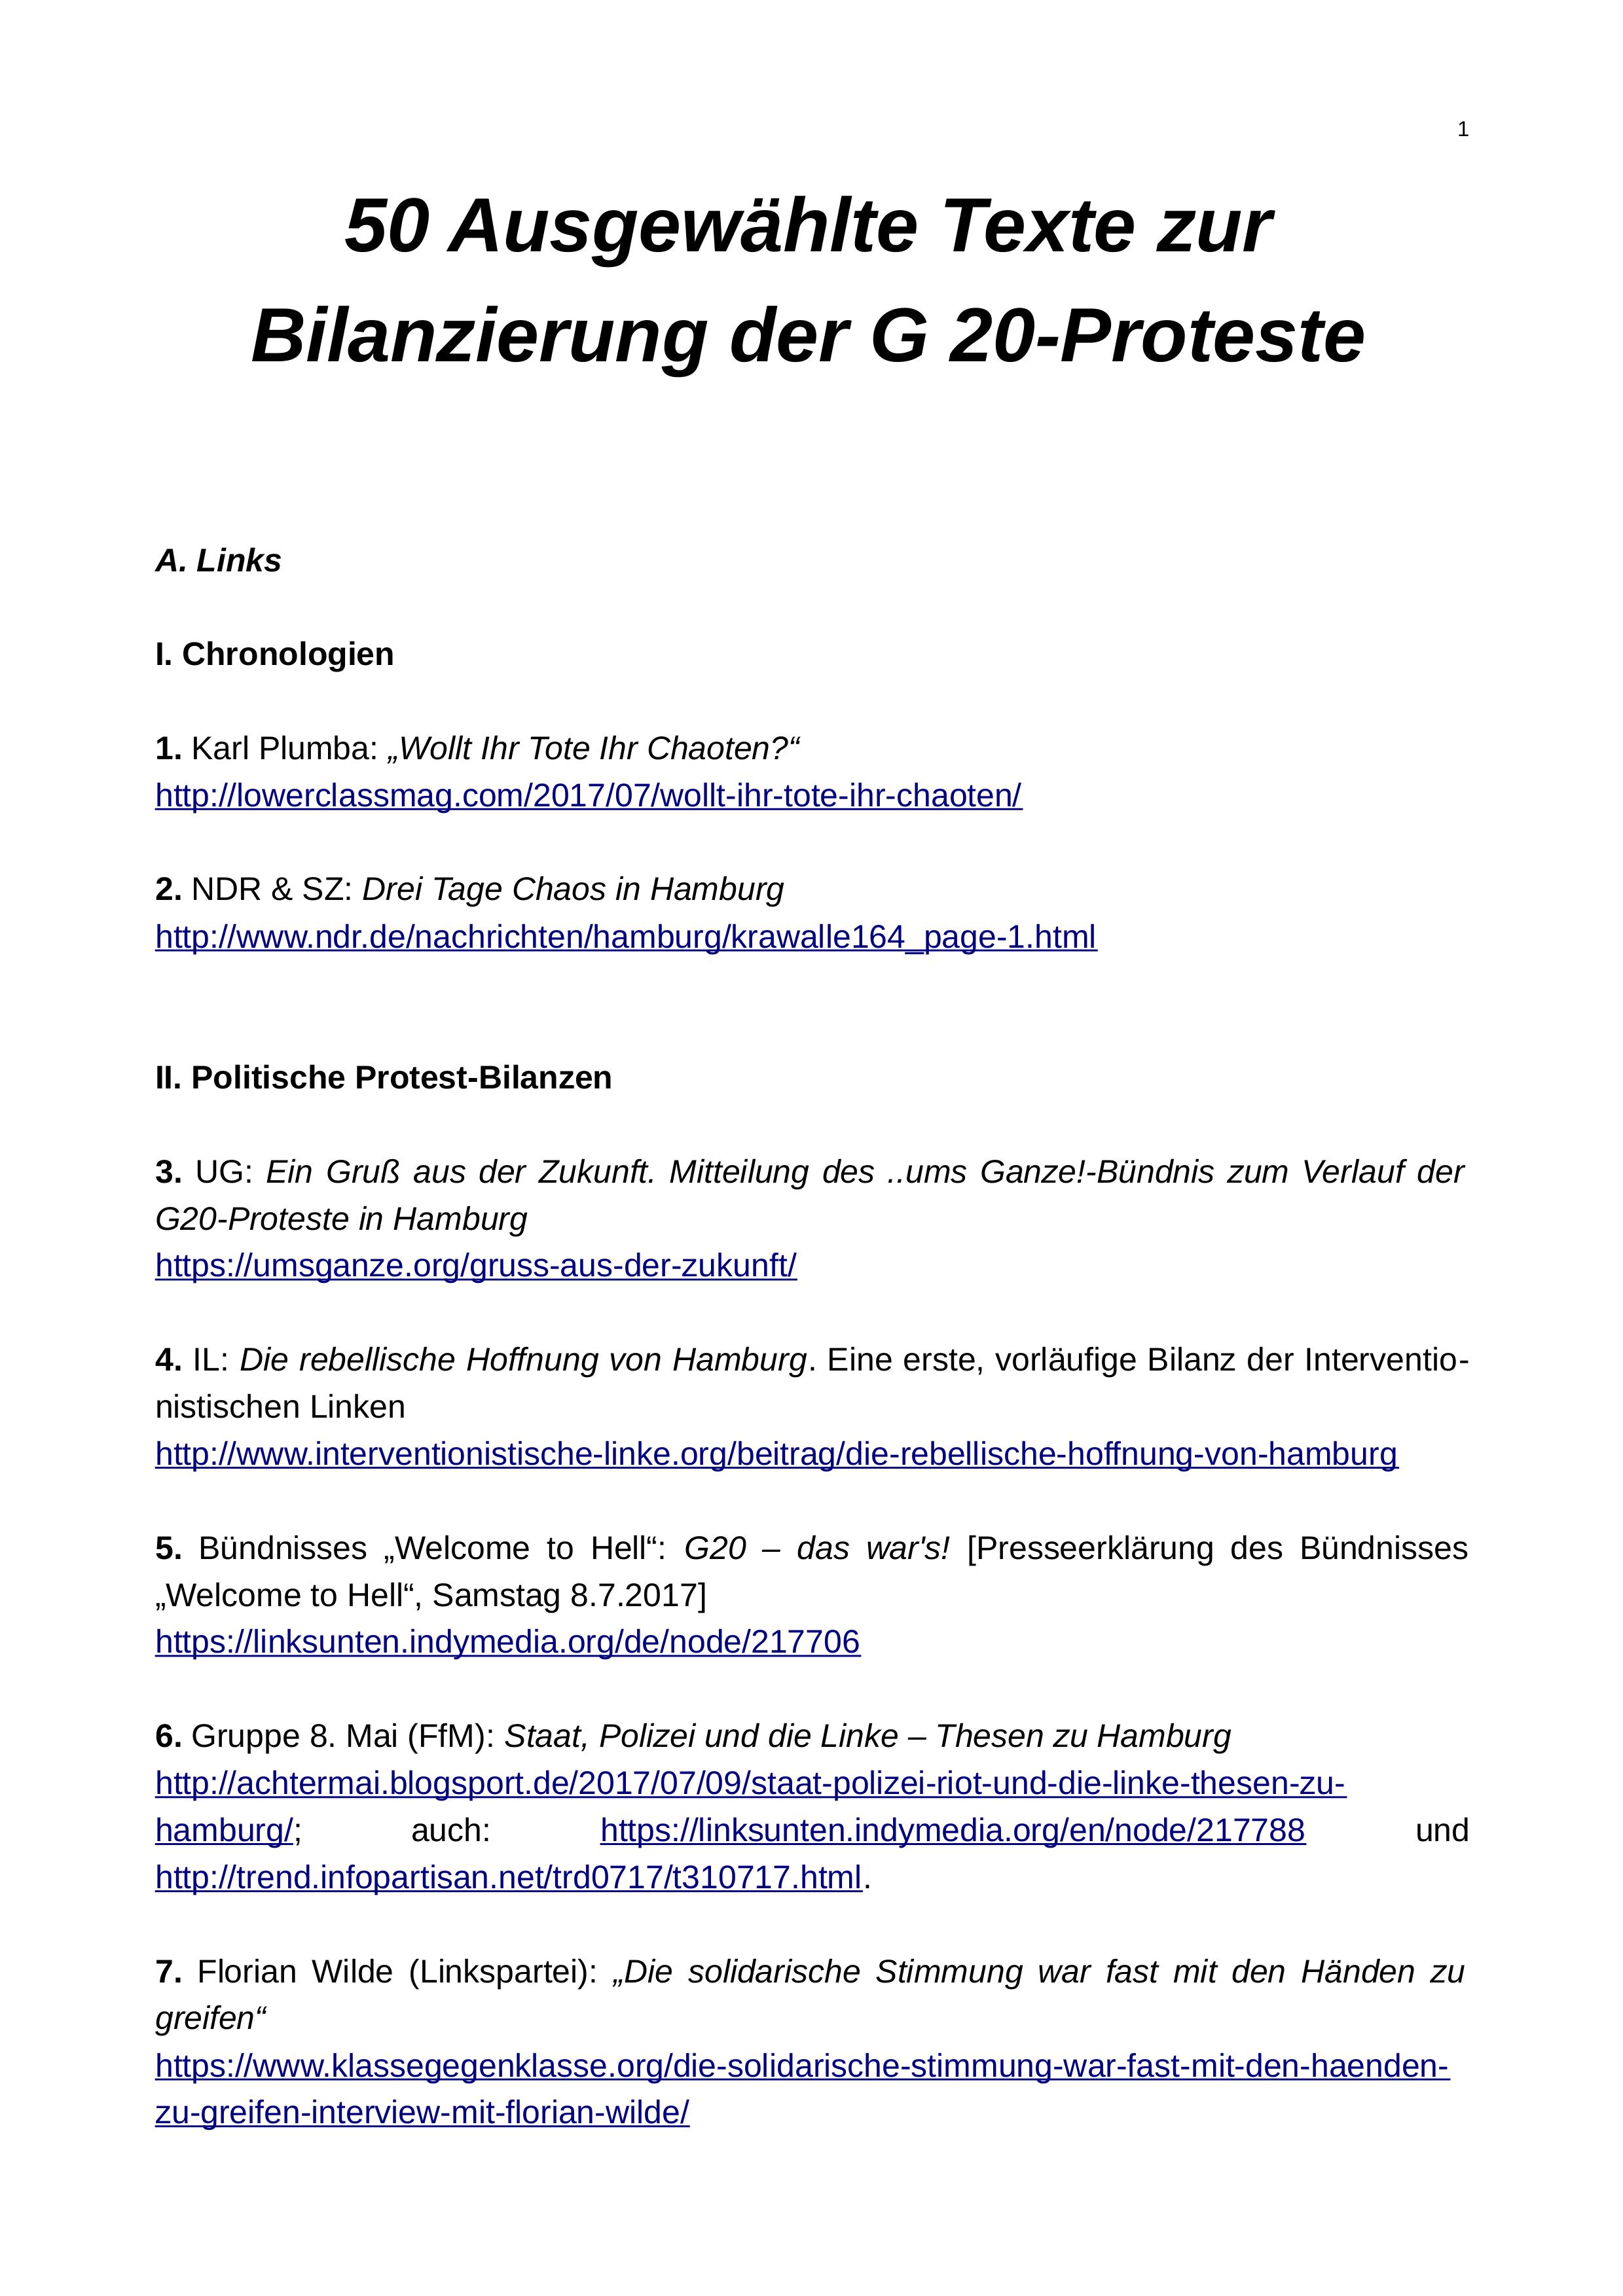 Dieser Artikel als .pdf-Datei